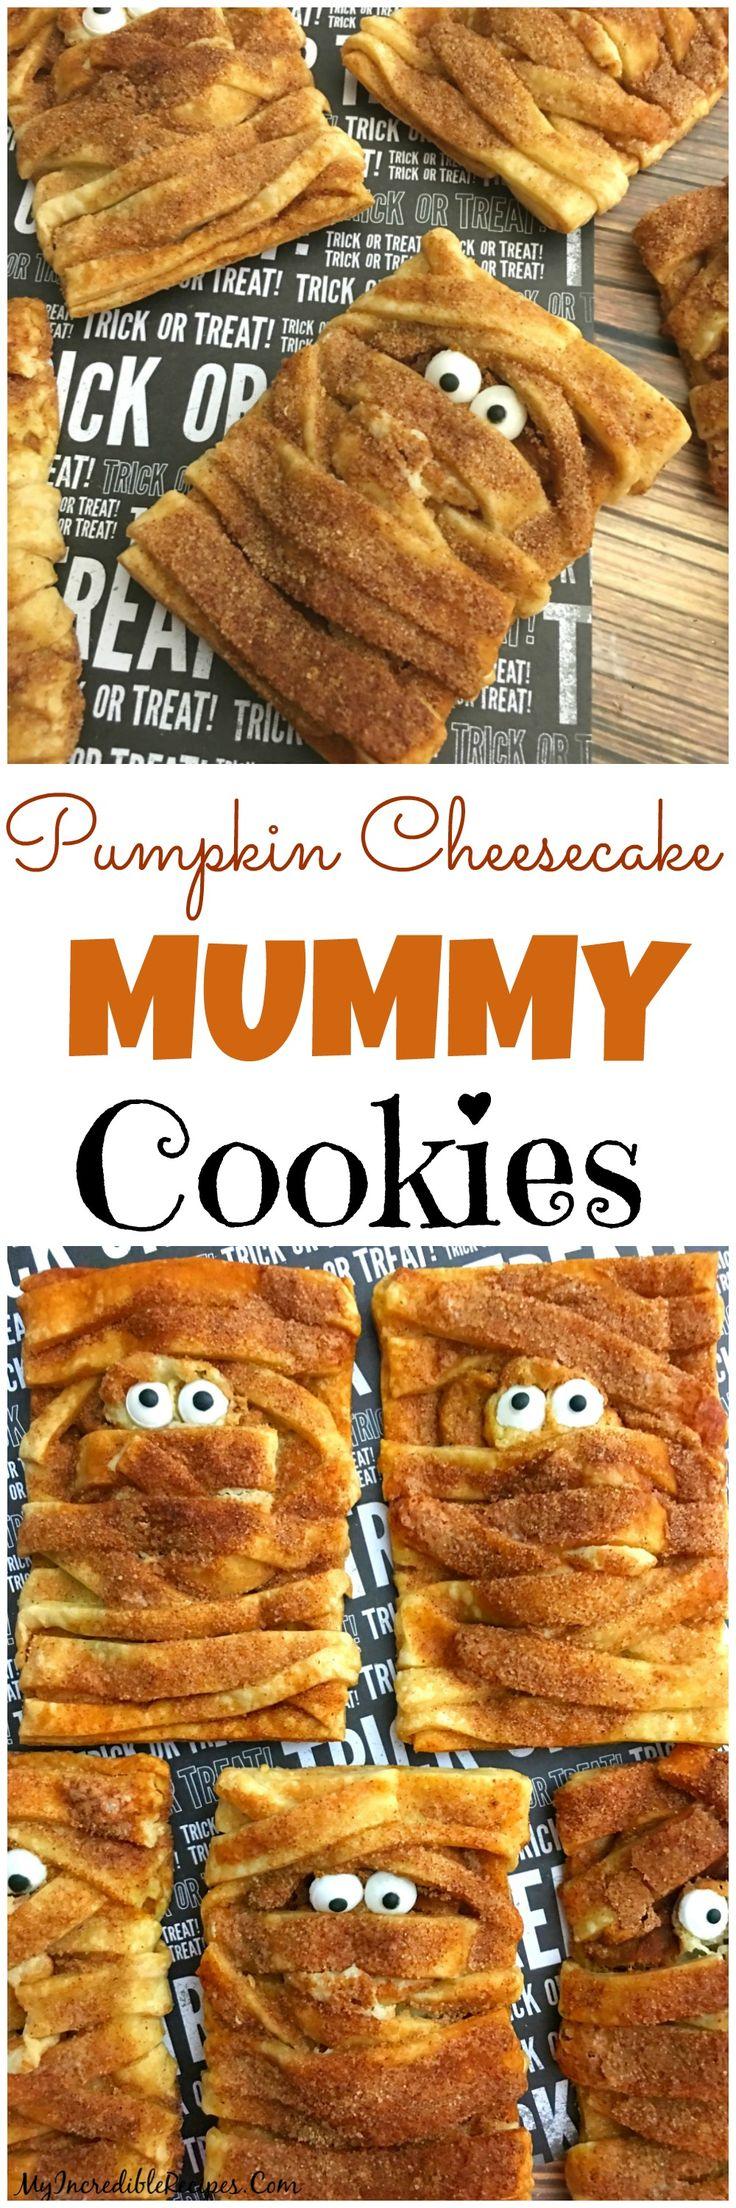 Pumpkin Cheesecake Snickerdoodle MUMMY Cookies!